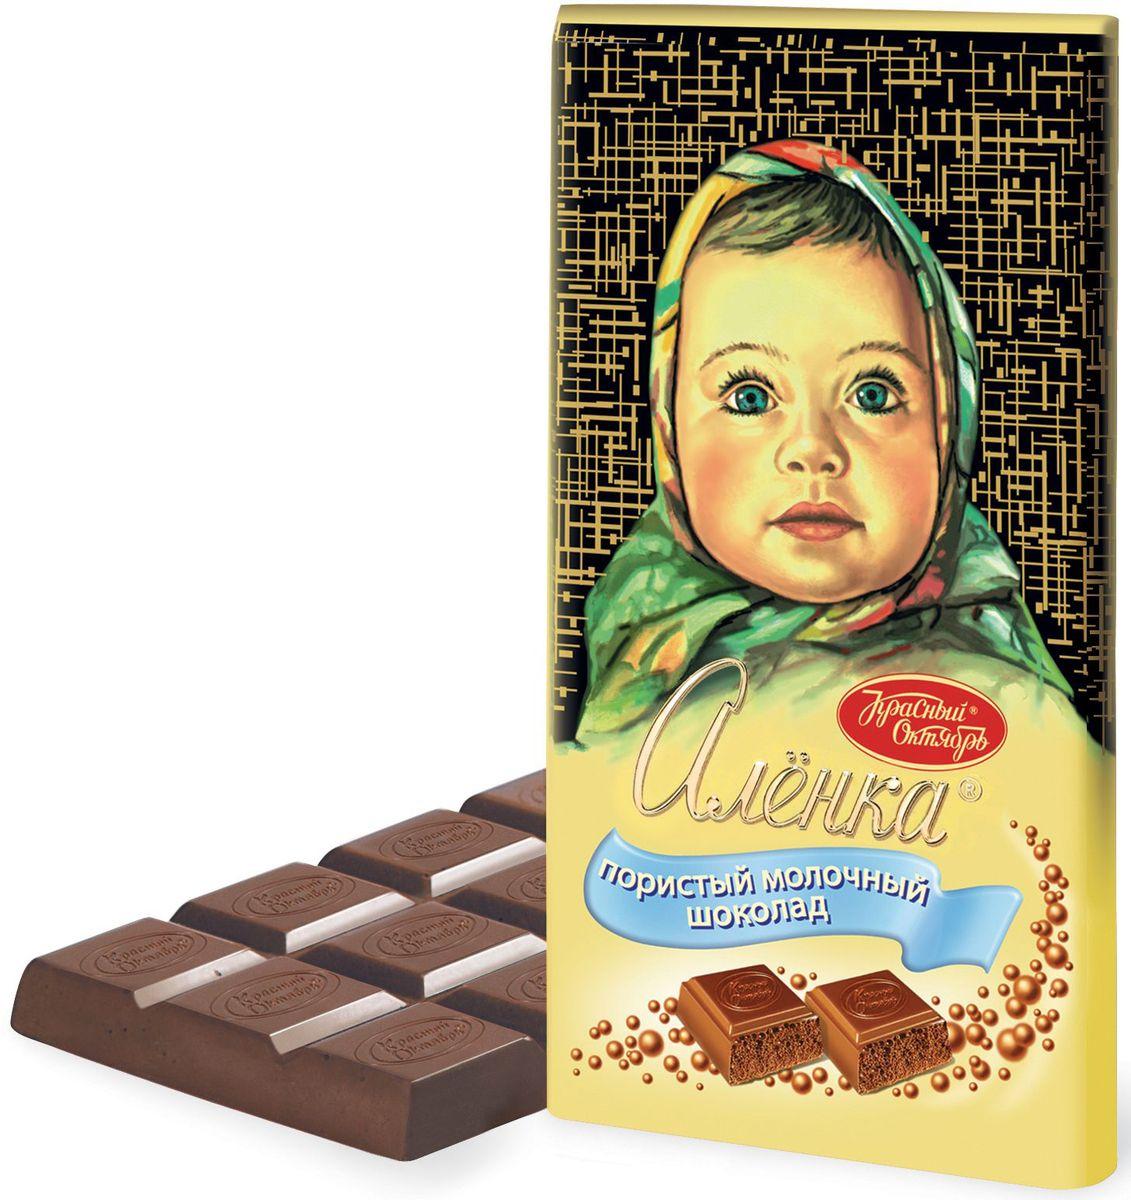 Красный Октябрь Аленка Пористый молочный шоколад, 95 г стульчик мега дом фунтик красный